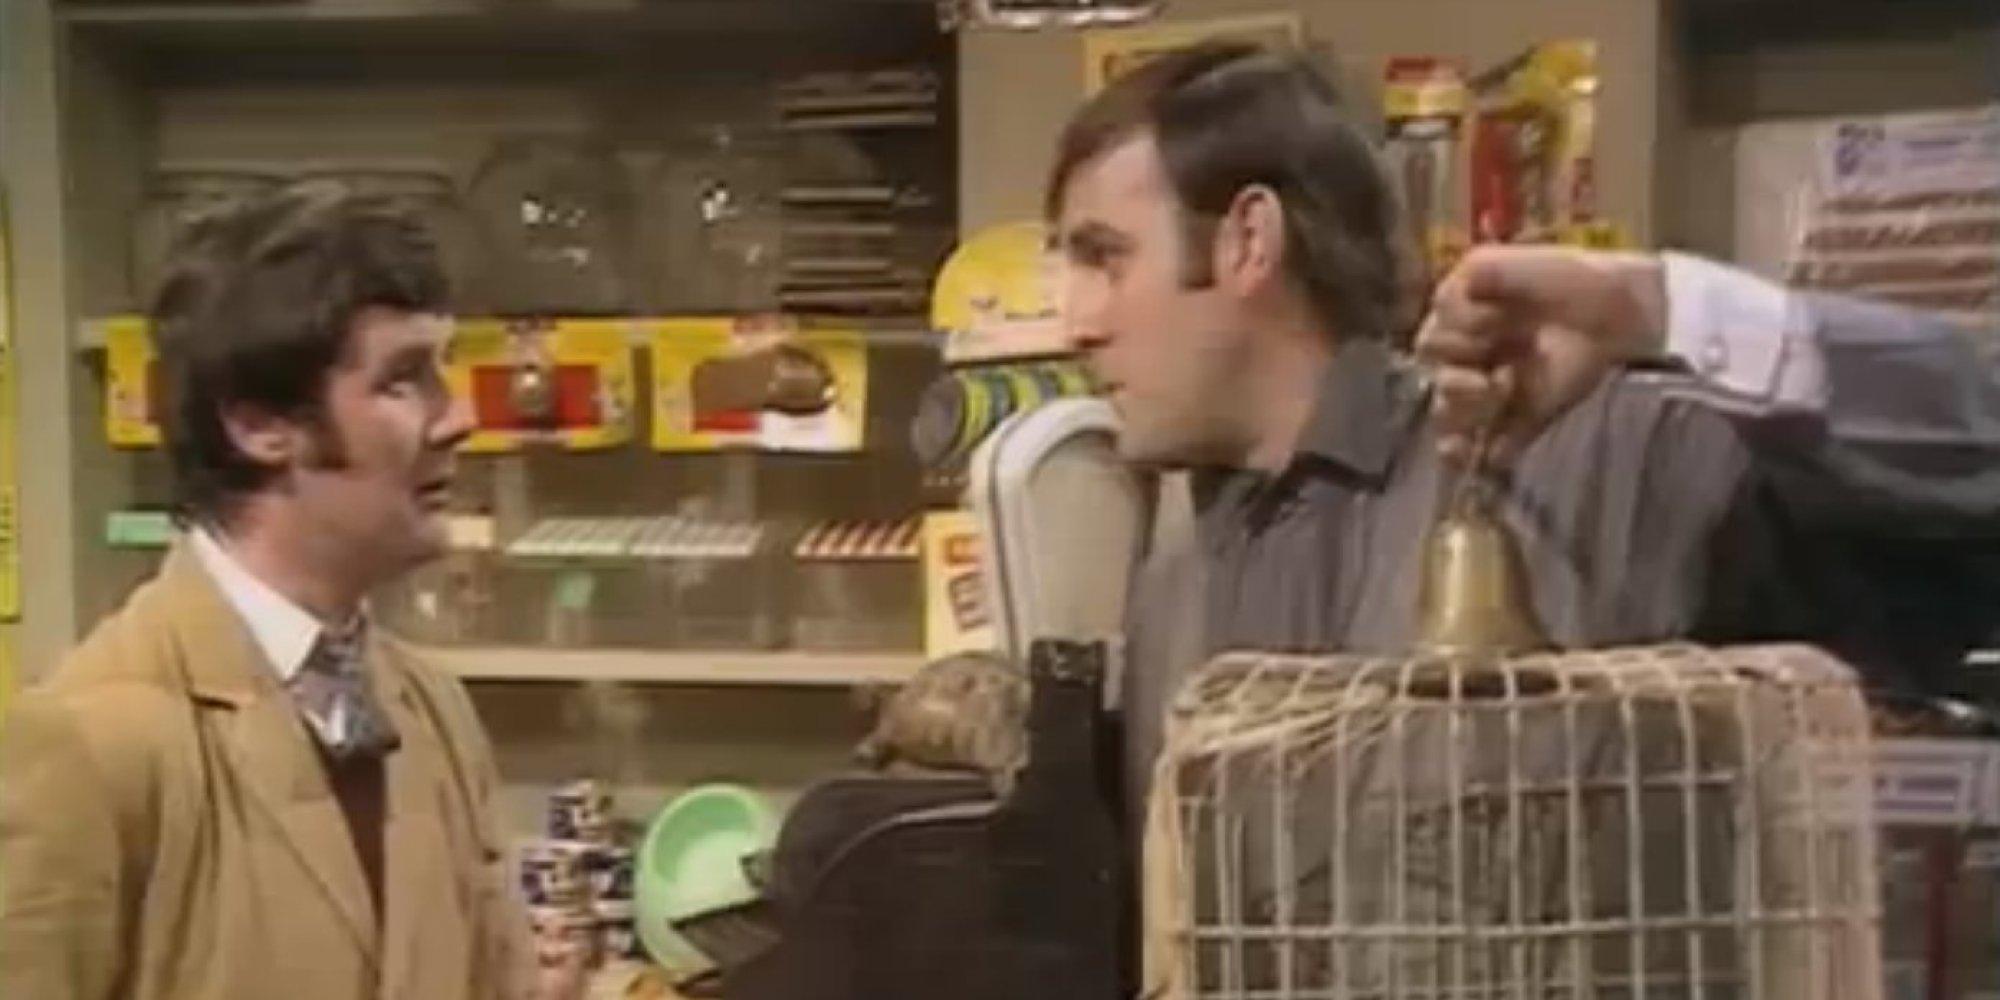 Monty Python Reunion Their 30 Best Sketches (VIDEOS)